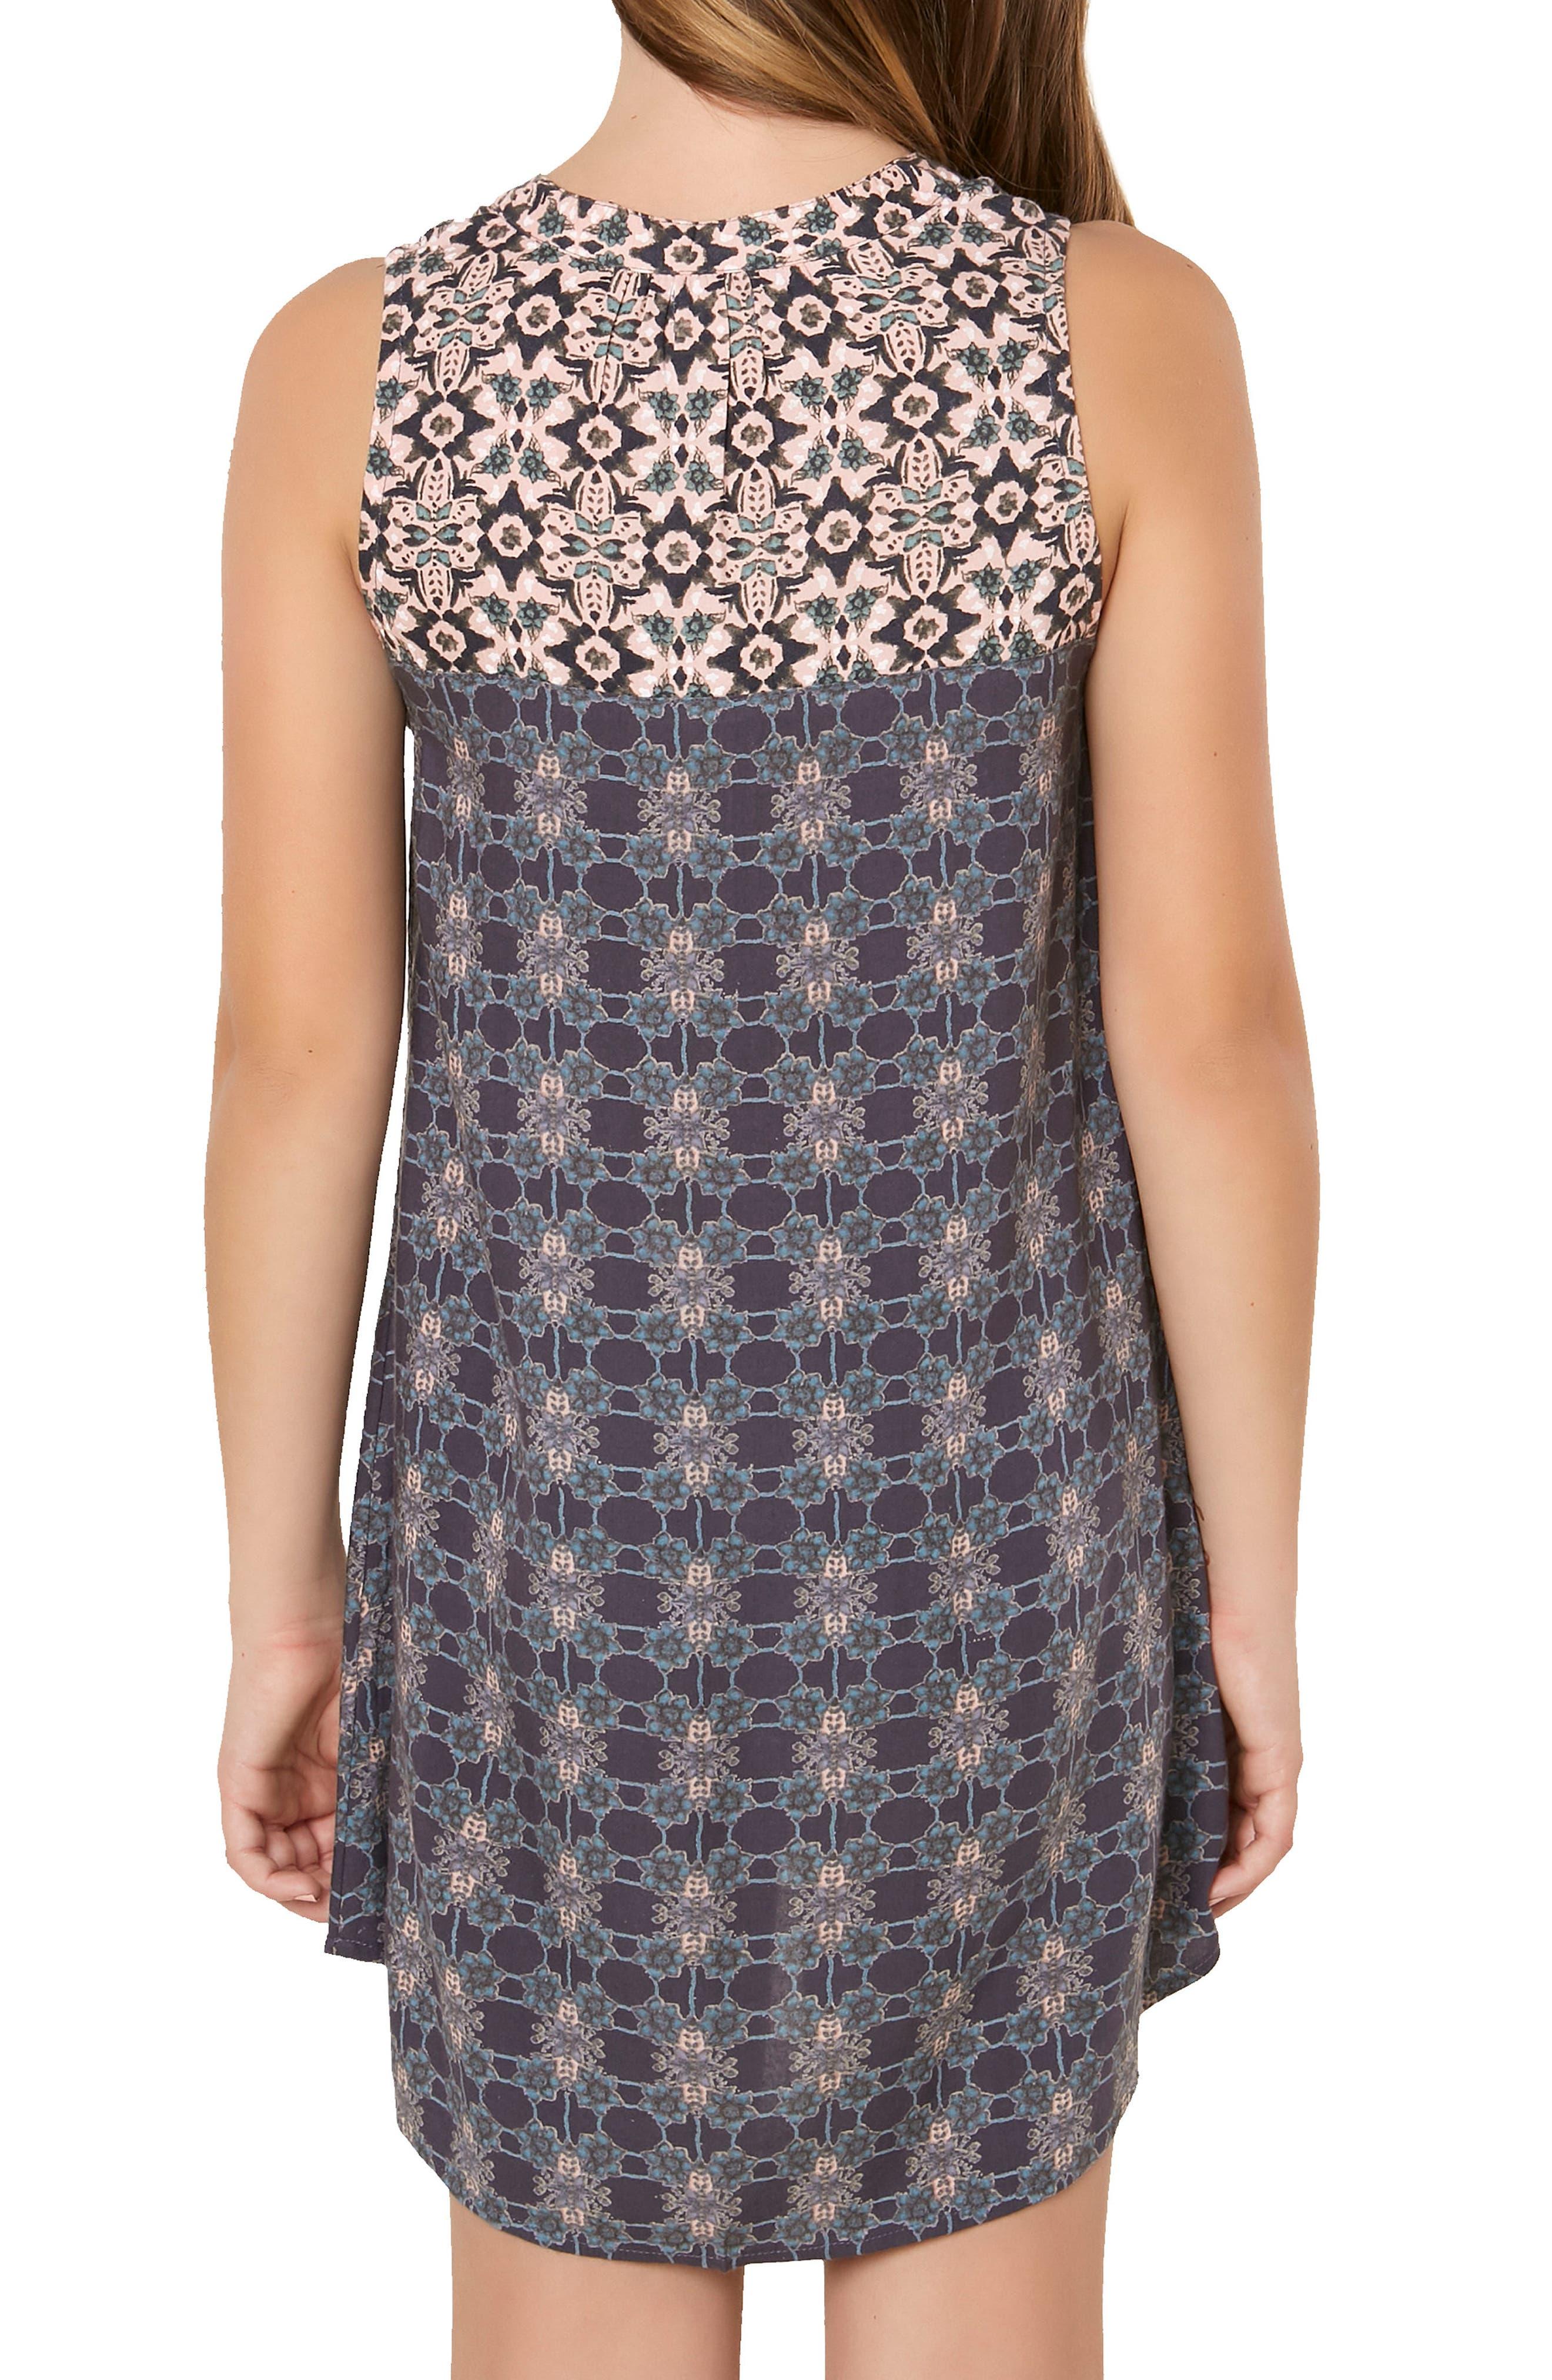 Gina Mixed Print Dress,                             Alternate thumbnail 5, color,                             021